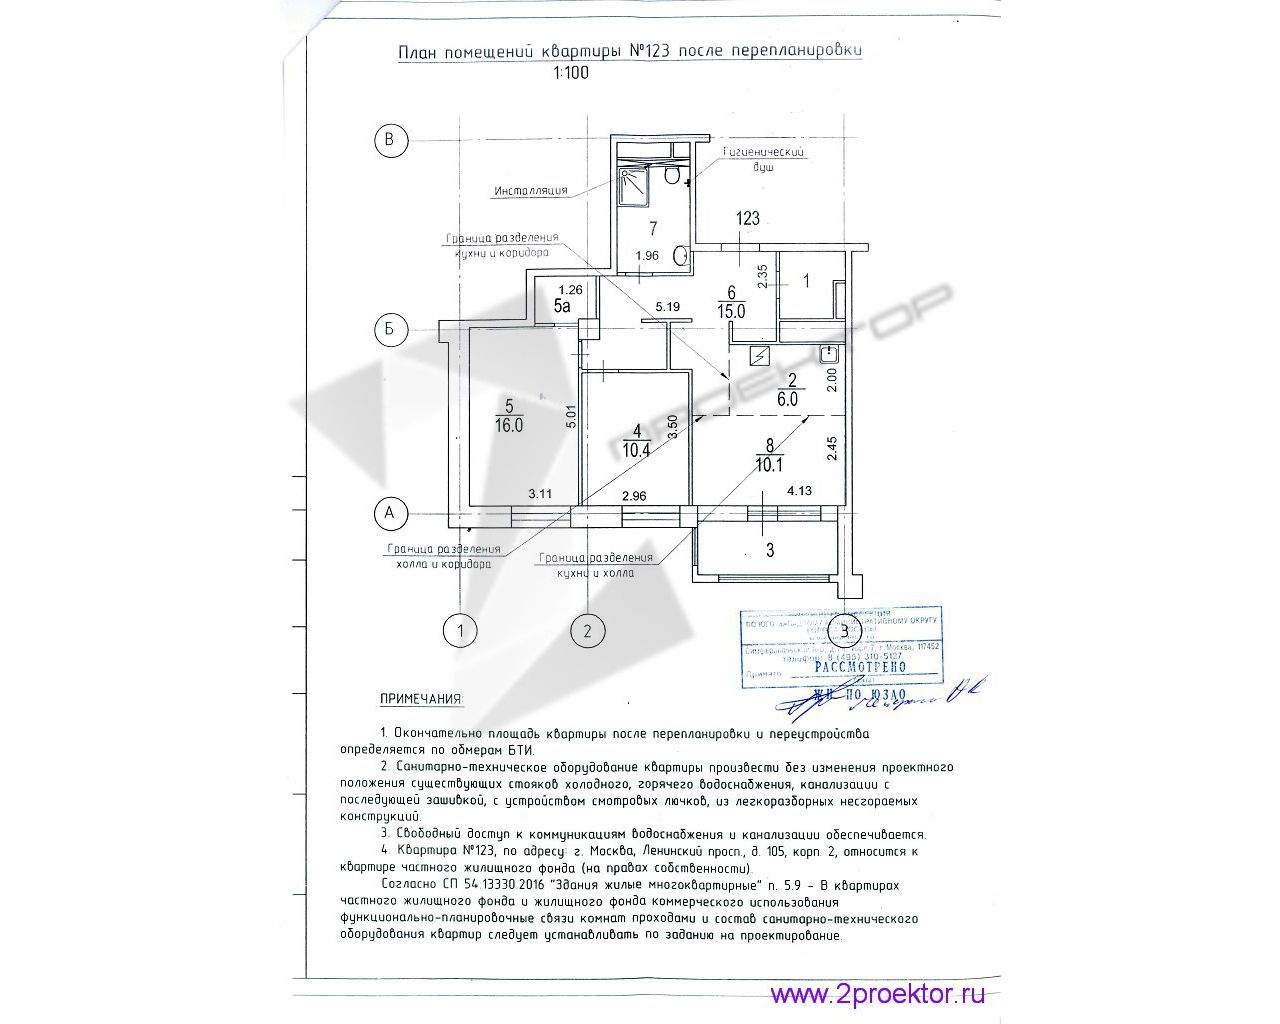 Согласование Жилищной инспекции перепланировки с объединением кухни и комнаты